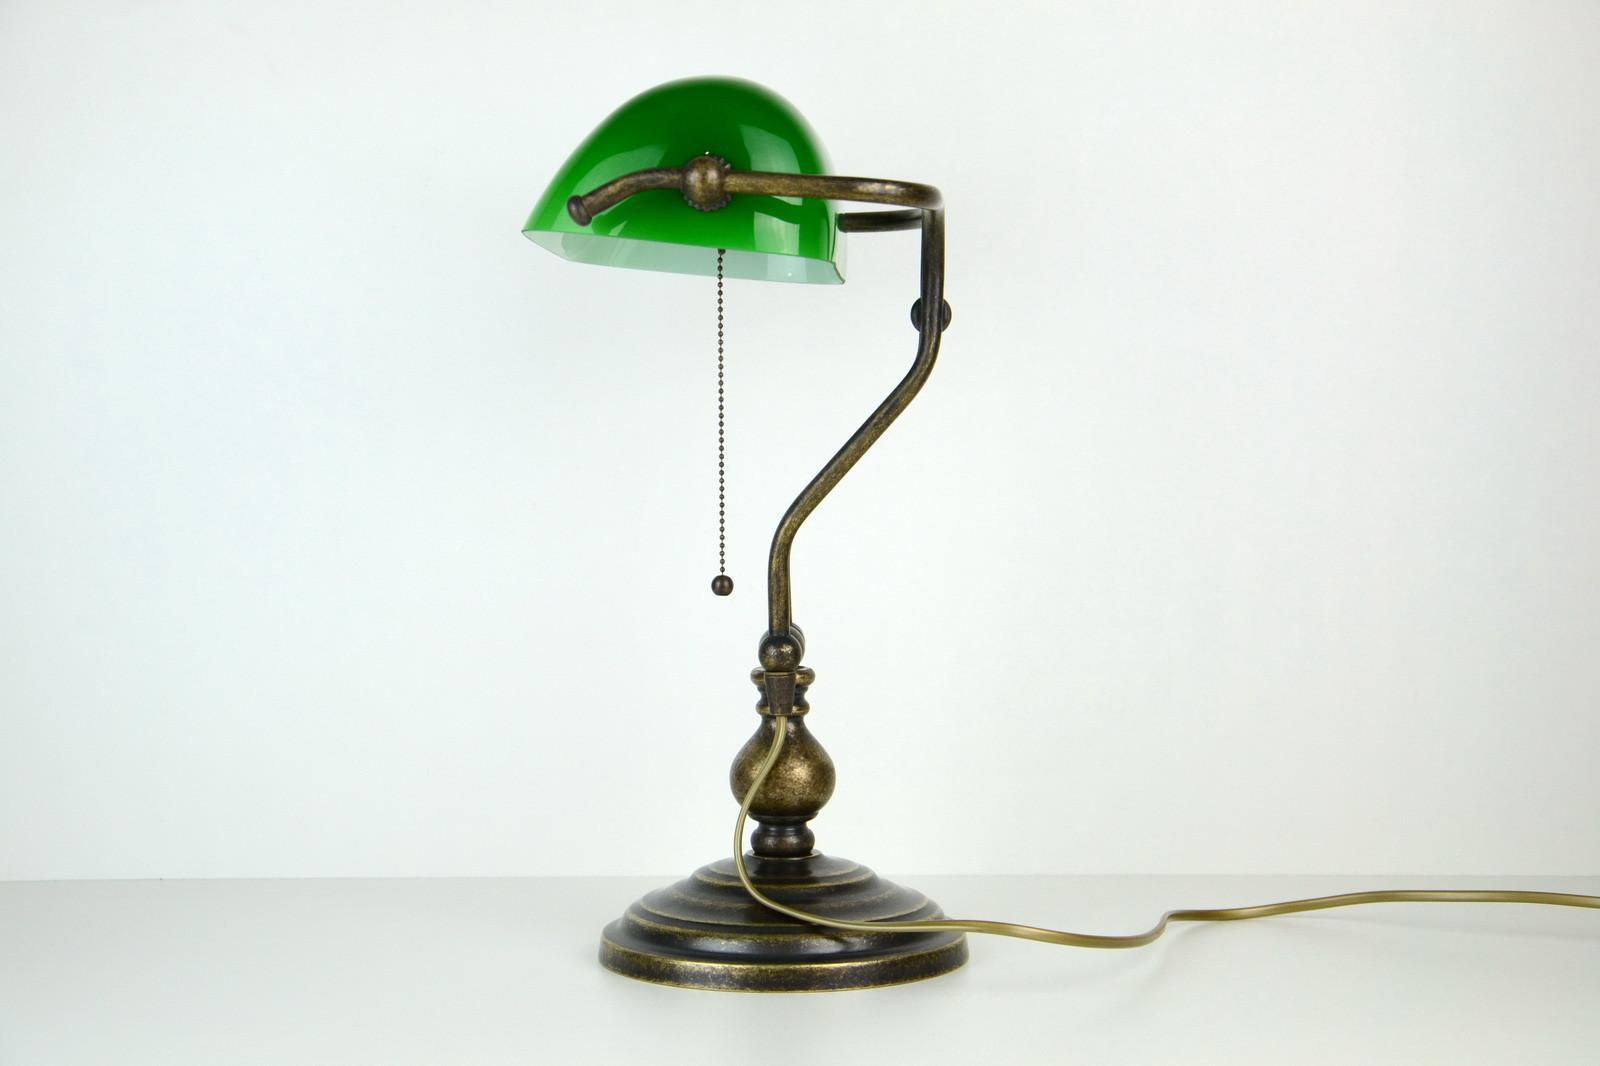 lampada-ministeriale-ottone-anticato-accensione-catenella-1,1027.jpg?WebbinsCacheCounter=1